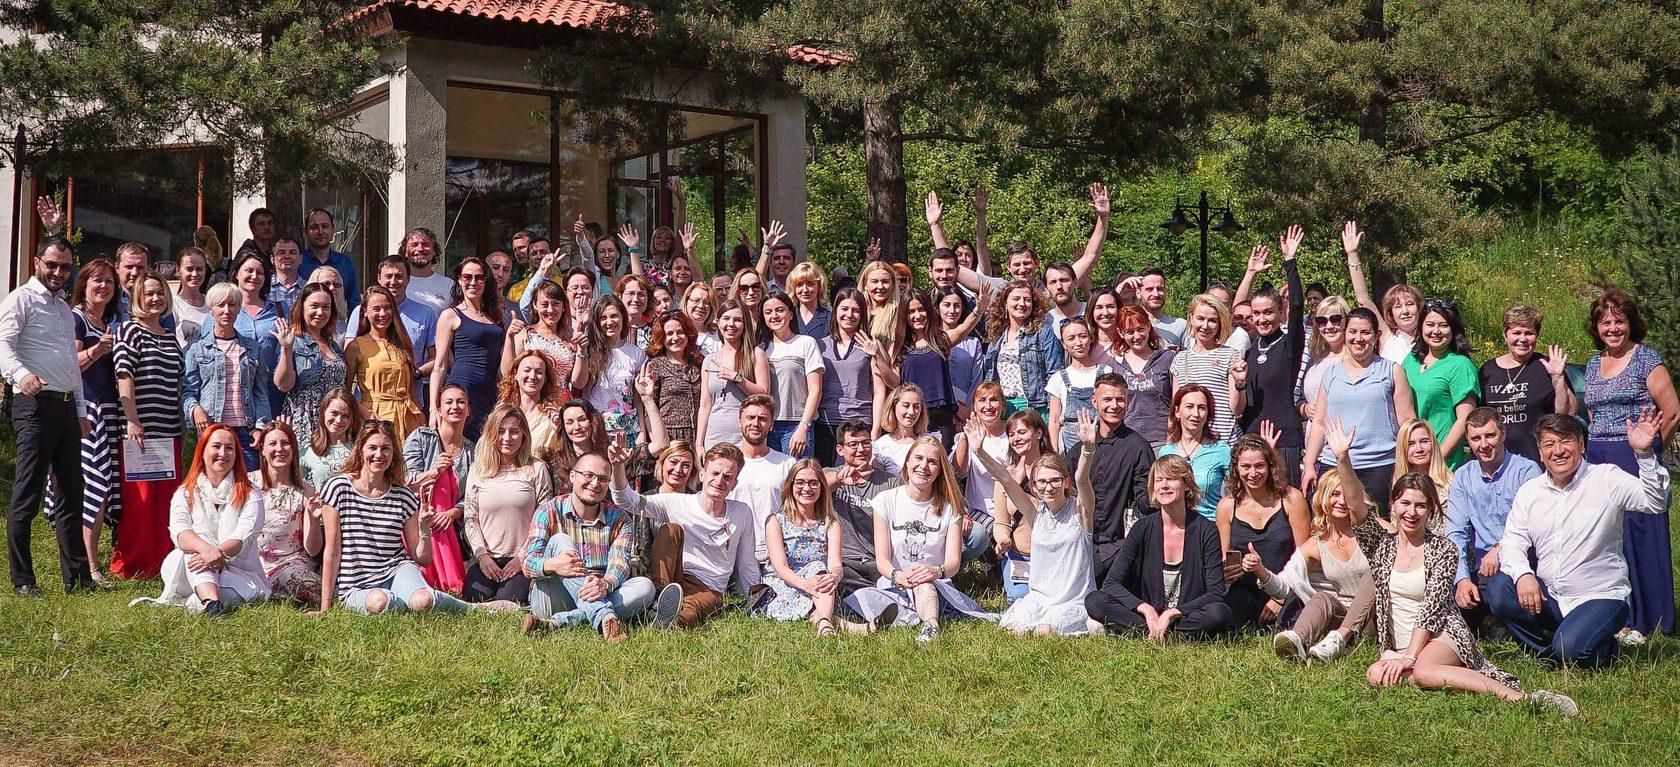 V ежегодный Международный Интенсив ICTA по коучингу, Эннеаграмме, НЛП, тренерству: июнь 2018